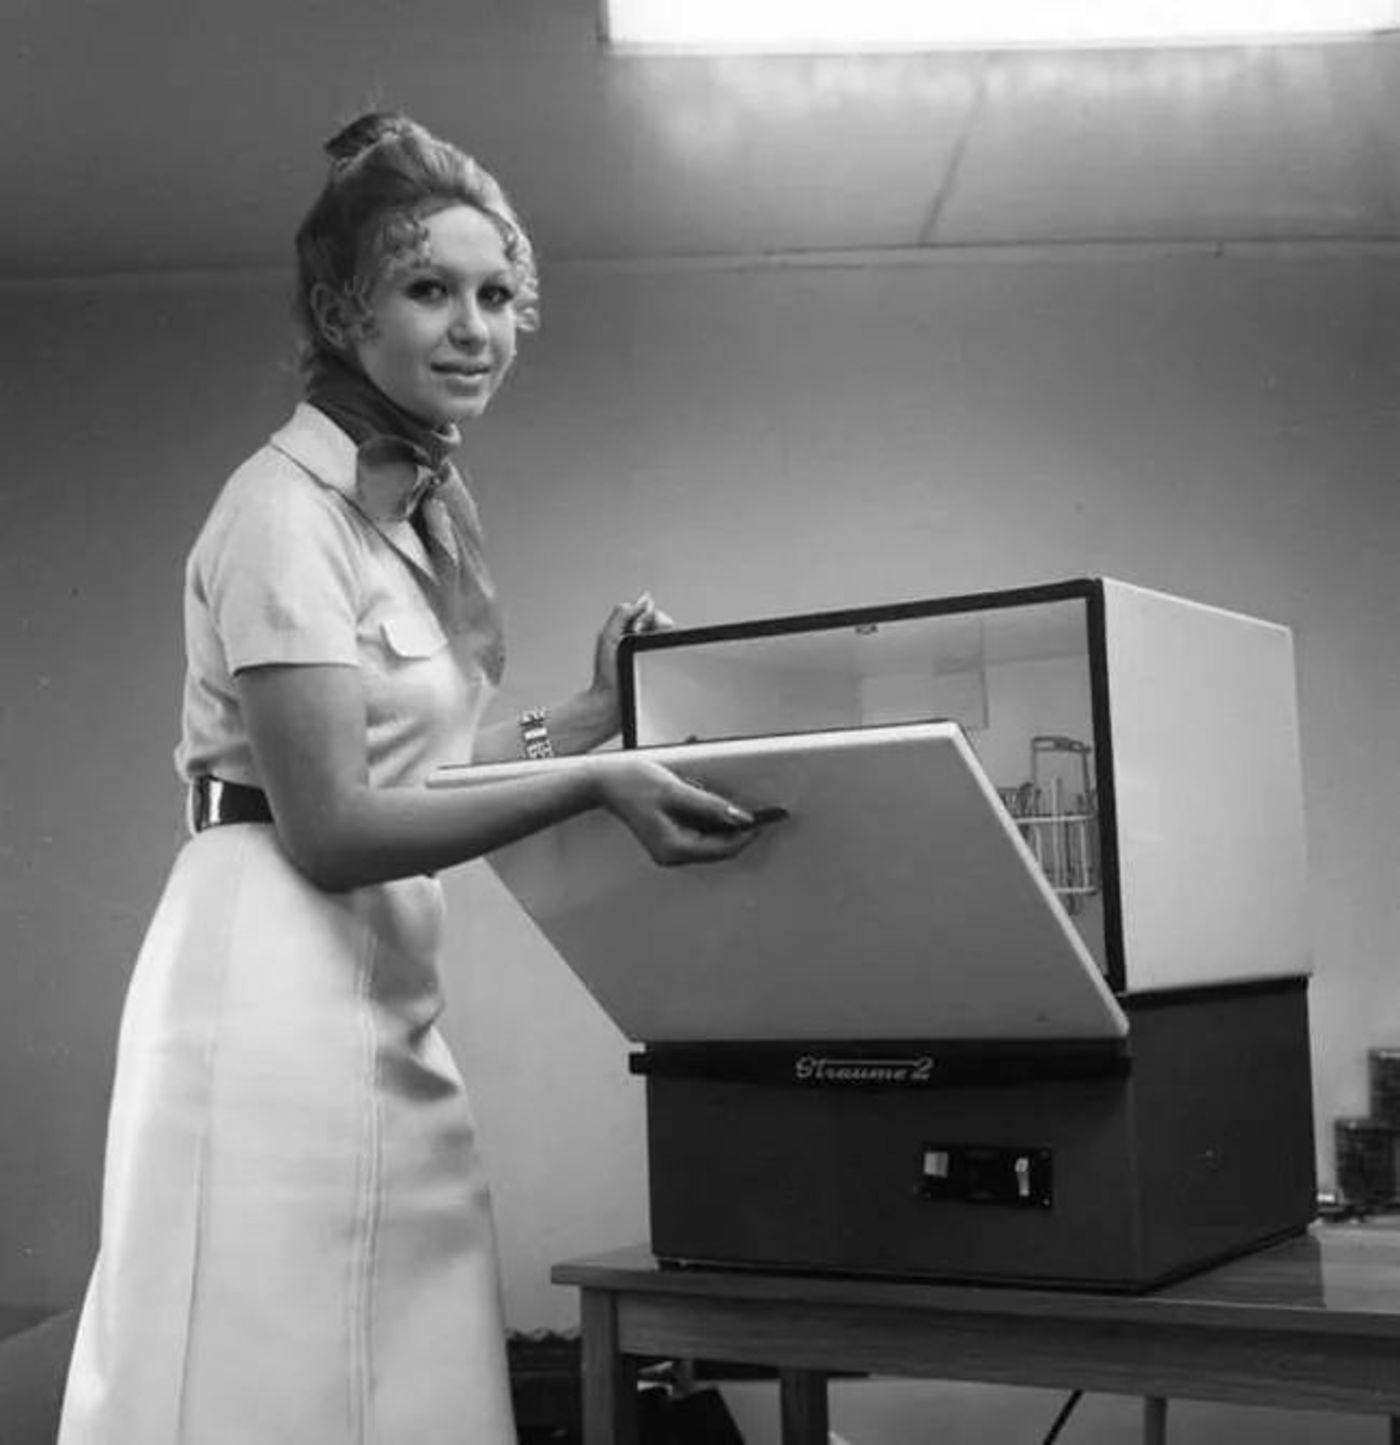 苏联70年代发明的洗碗机,同样未能普及